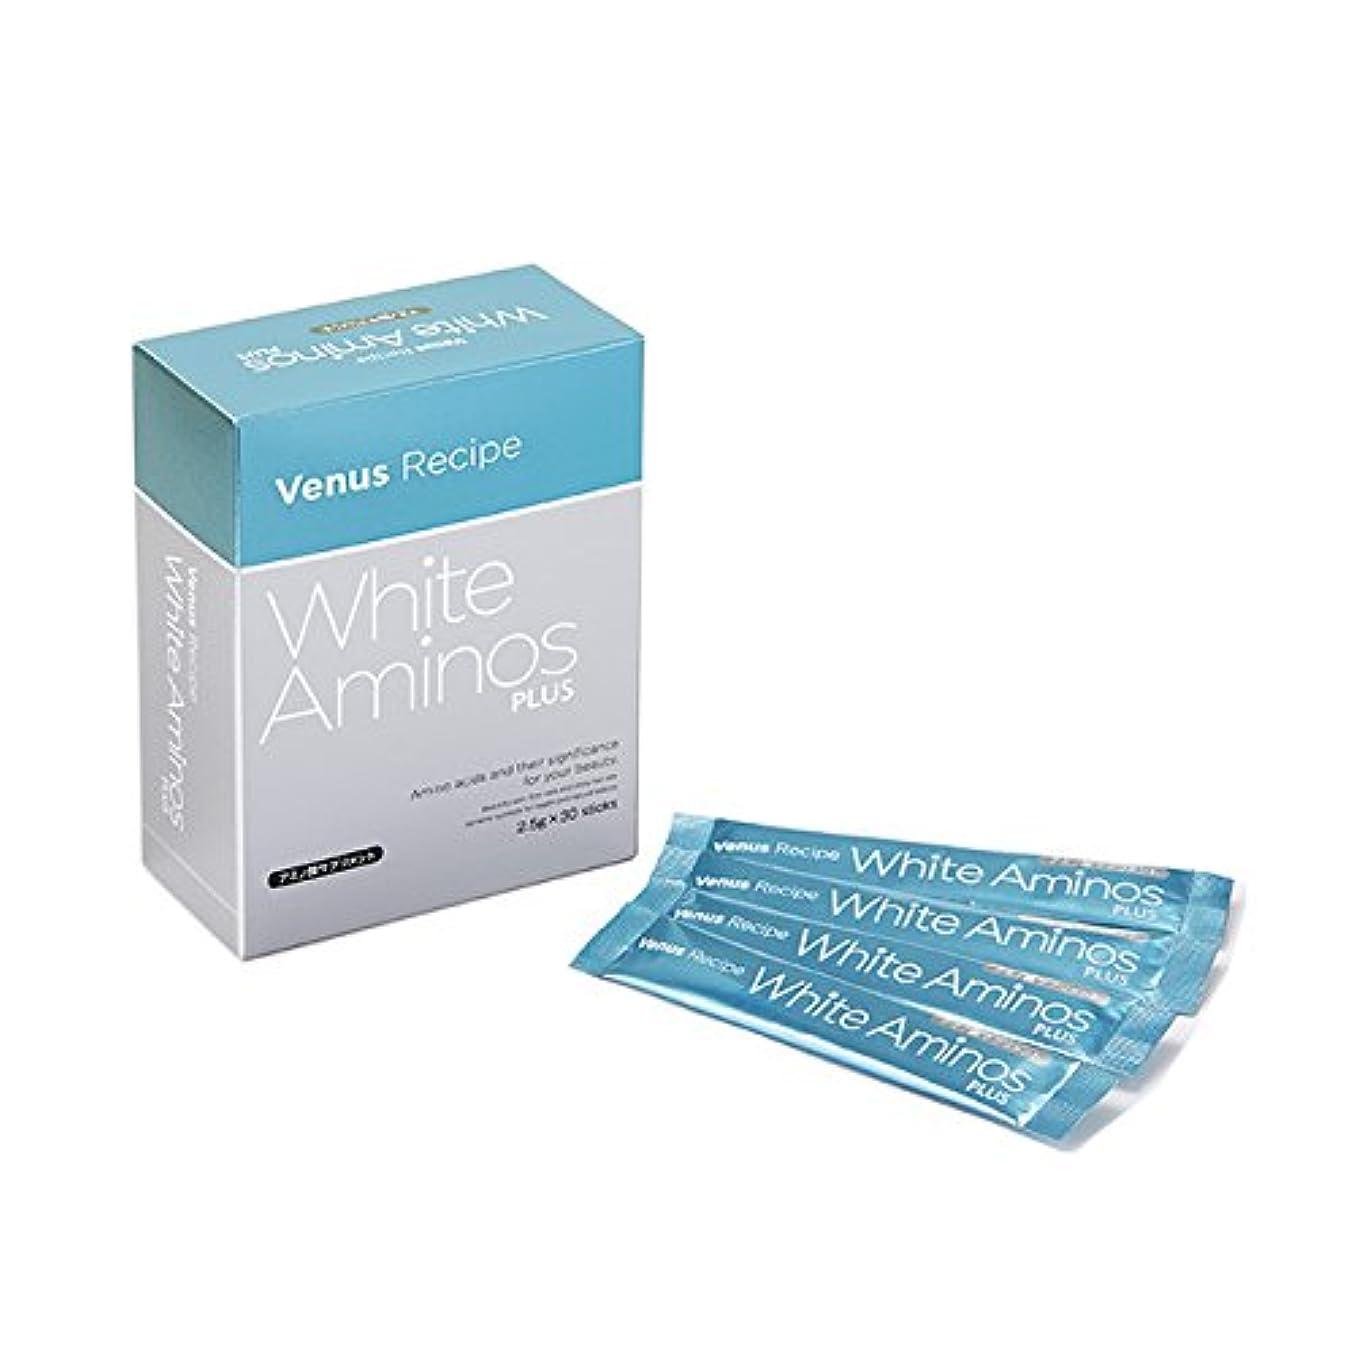 抜本的な不名誉な保証アクシージア ヴィーナスレシピ ホワイト アミノズ プラス 75g/1箱(30包×1包2.5g入り)